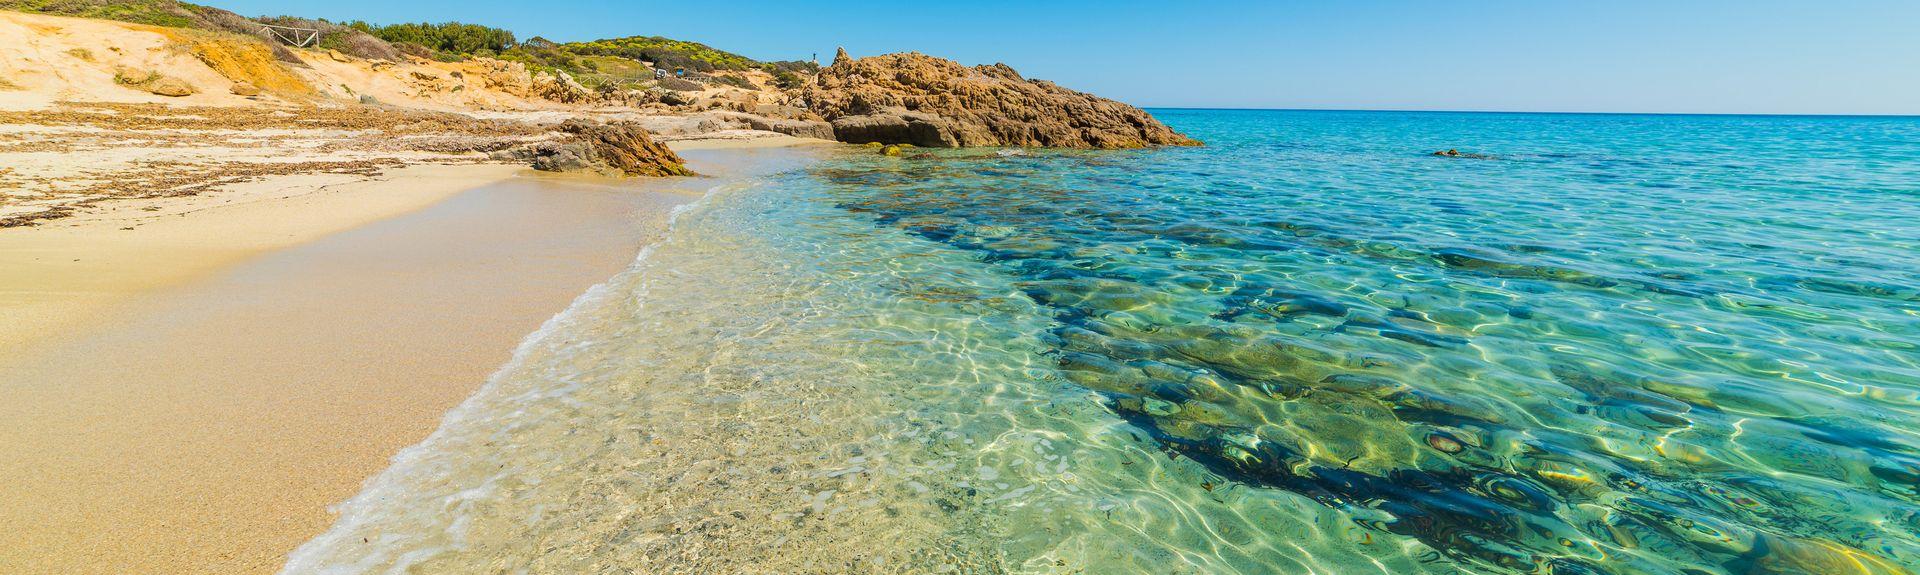 Spiaggia di Campulongu, Villasimius, Sardegna, Italia